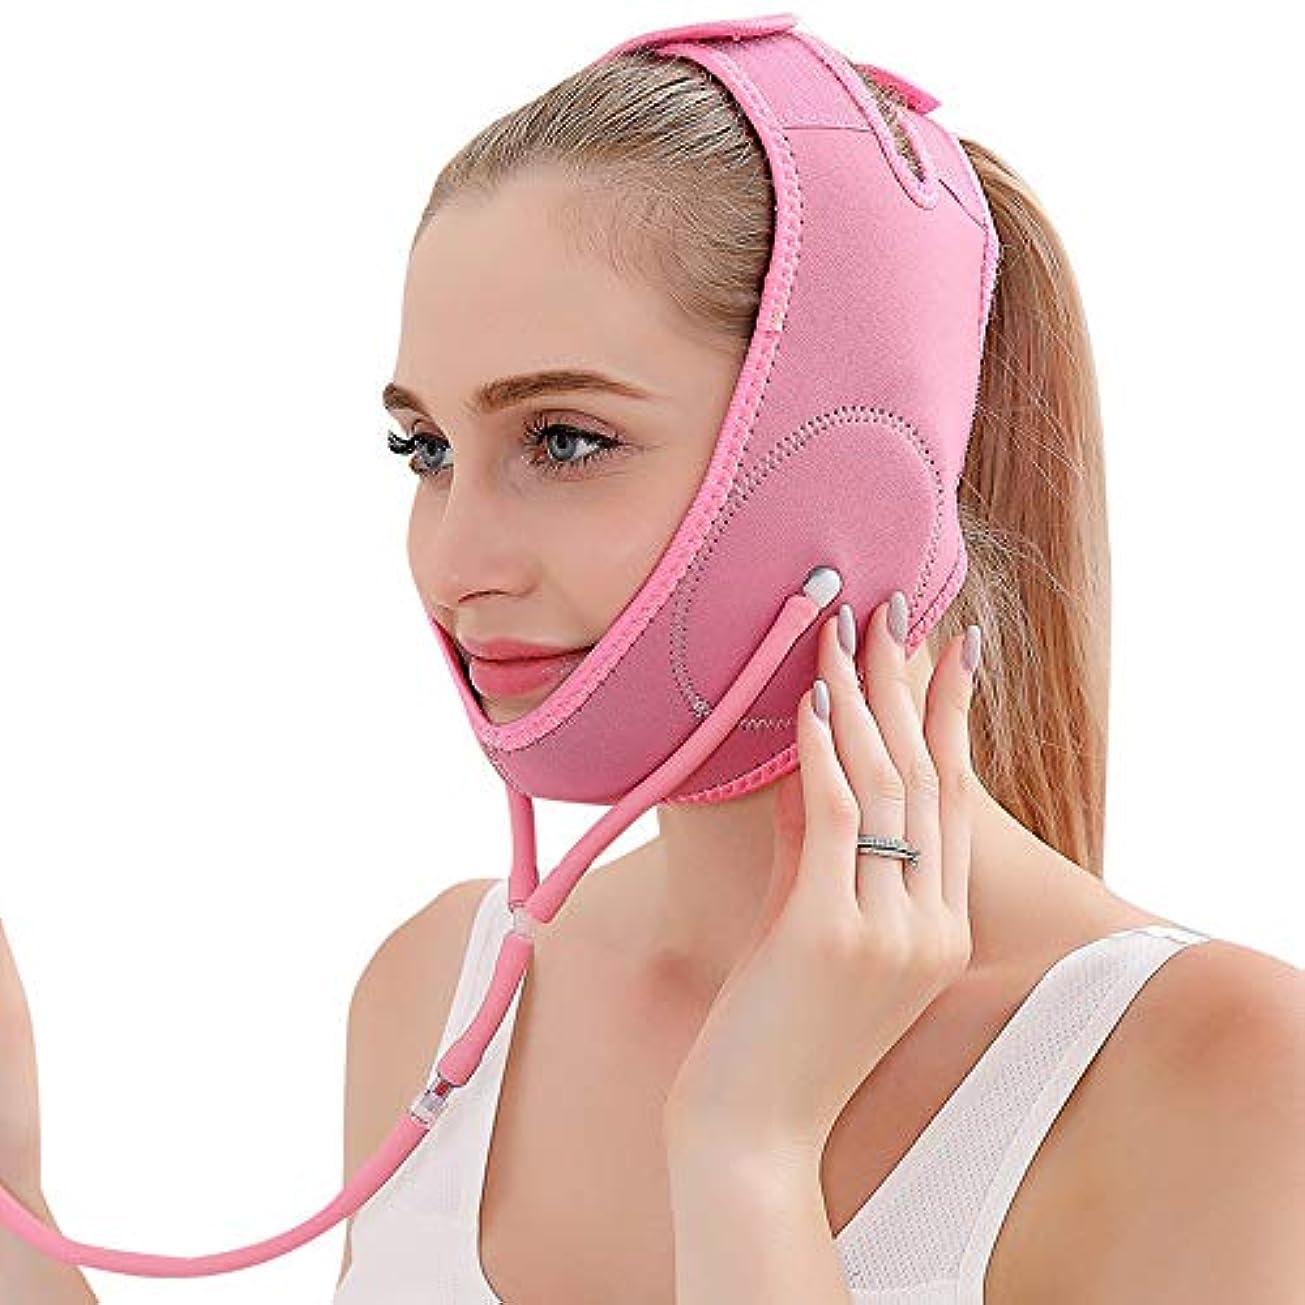 記録意欲ディレクトリYOE(ヨイ) エアー 顔やせ マスク 小顔 ほうれい線 空気入れ エアーポンプ 顔のエクササイズ フェイスリフト レディース (フリーサイズ, ピンク)